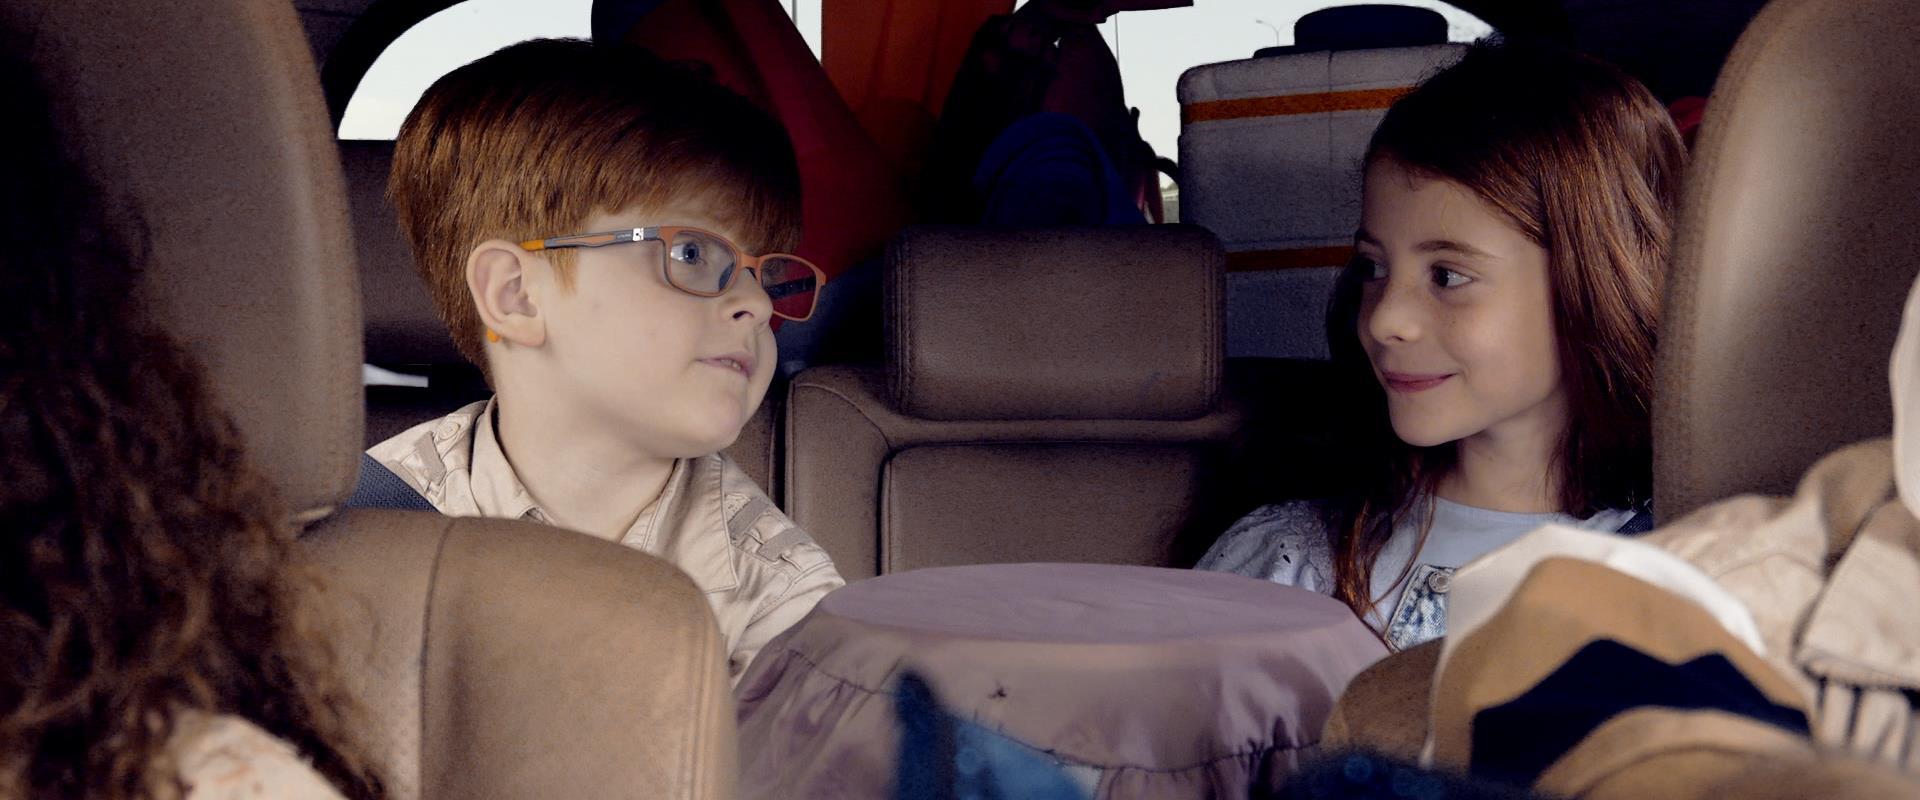 משפחה באוטו | ראש השנה